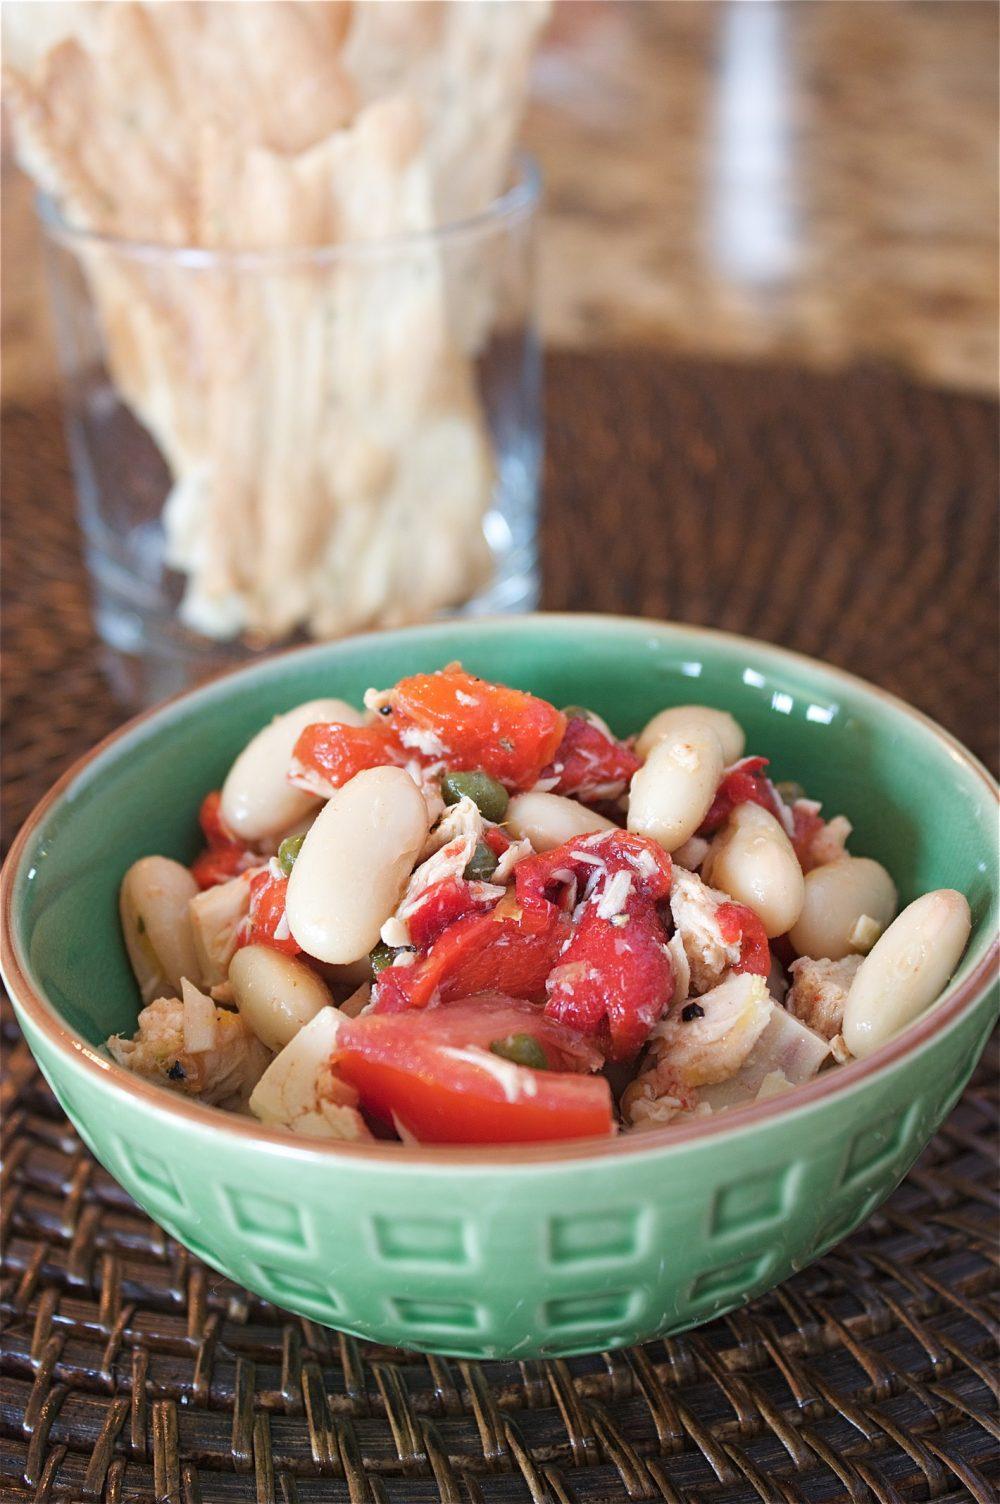 Big MouthfulLemony Tuna and White Bean Salad - A Big Mouthful